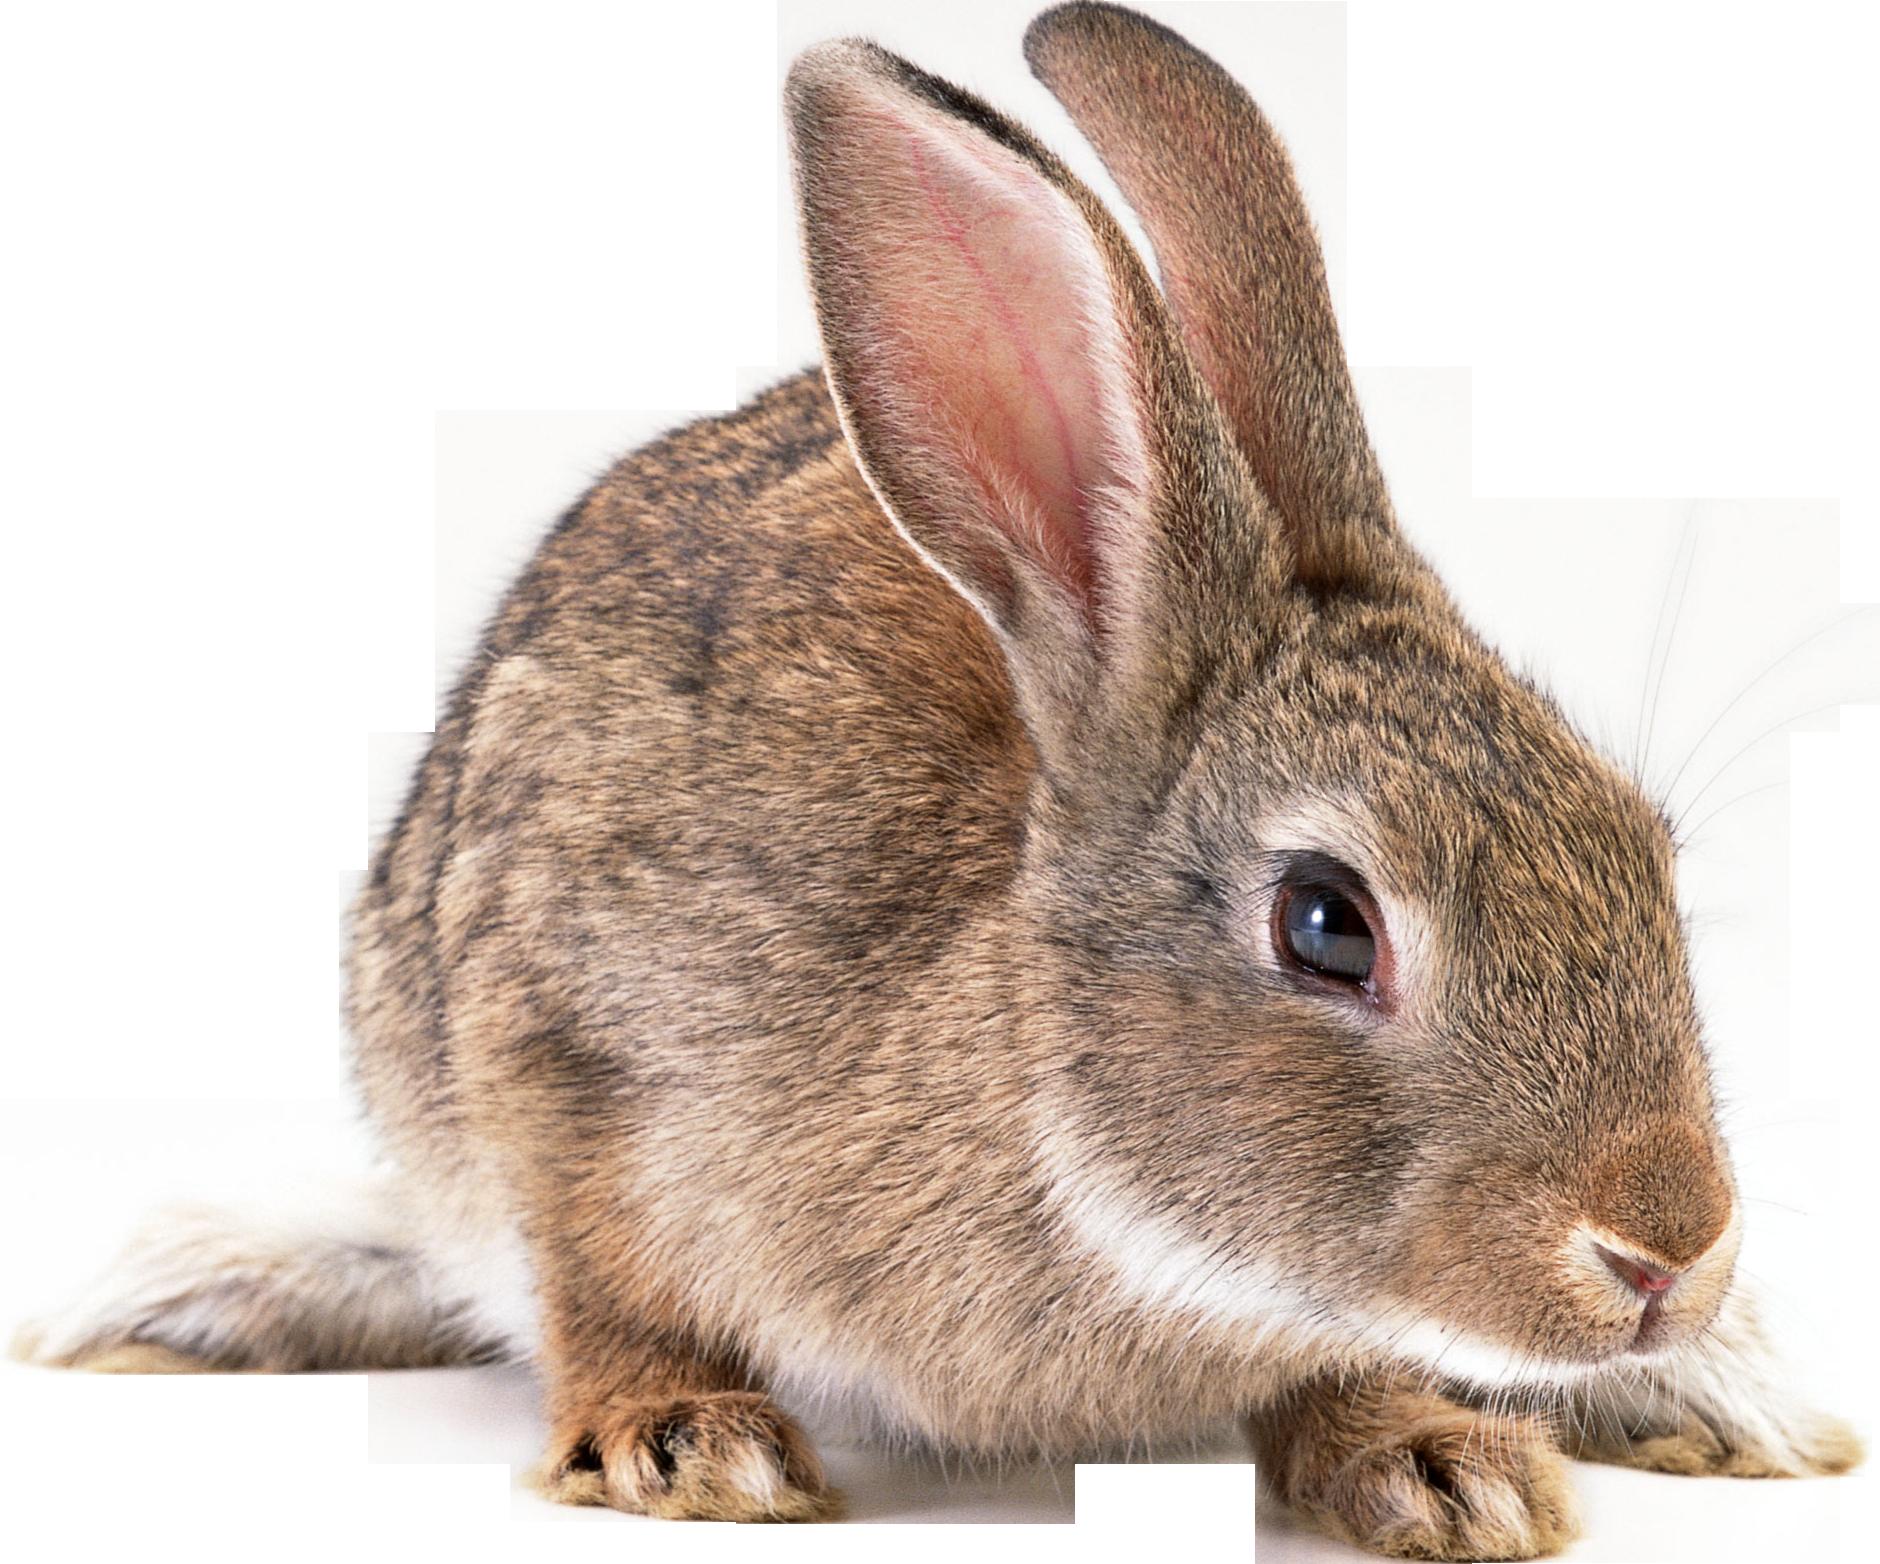 Gray Rabbit PNG Image - Rabbit PNG